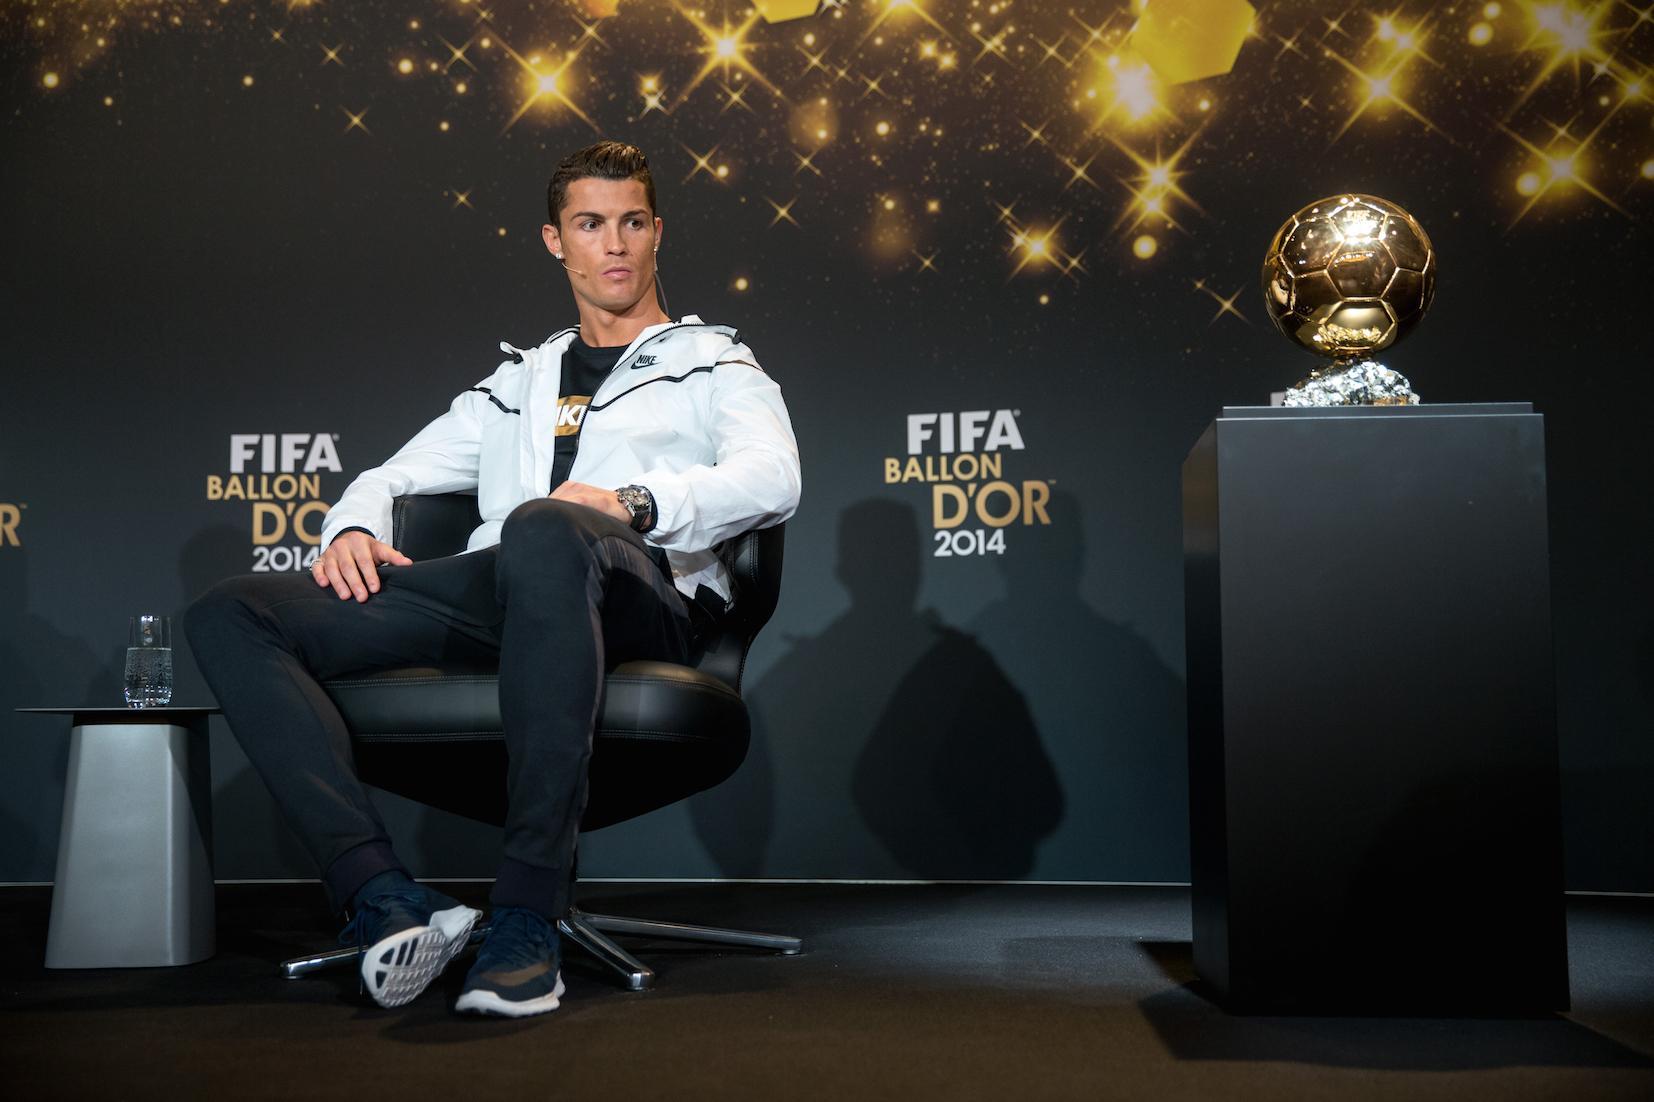 Chi ha vinto il Pallone d'oro 2014? Cristiano Ronaldo